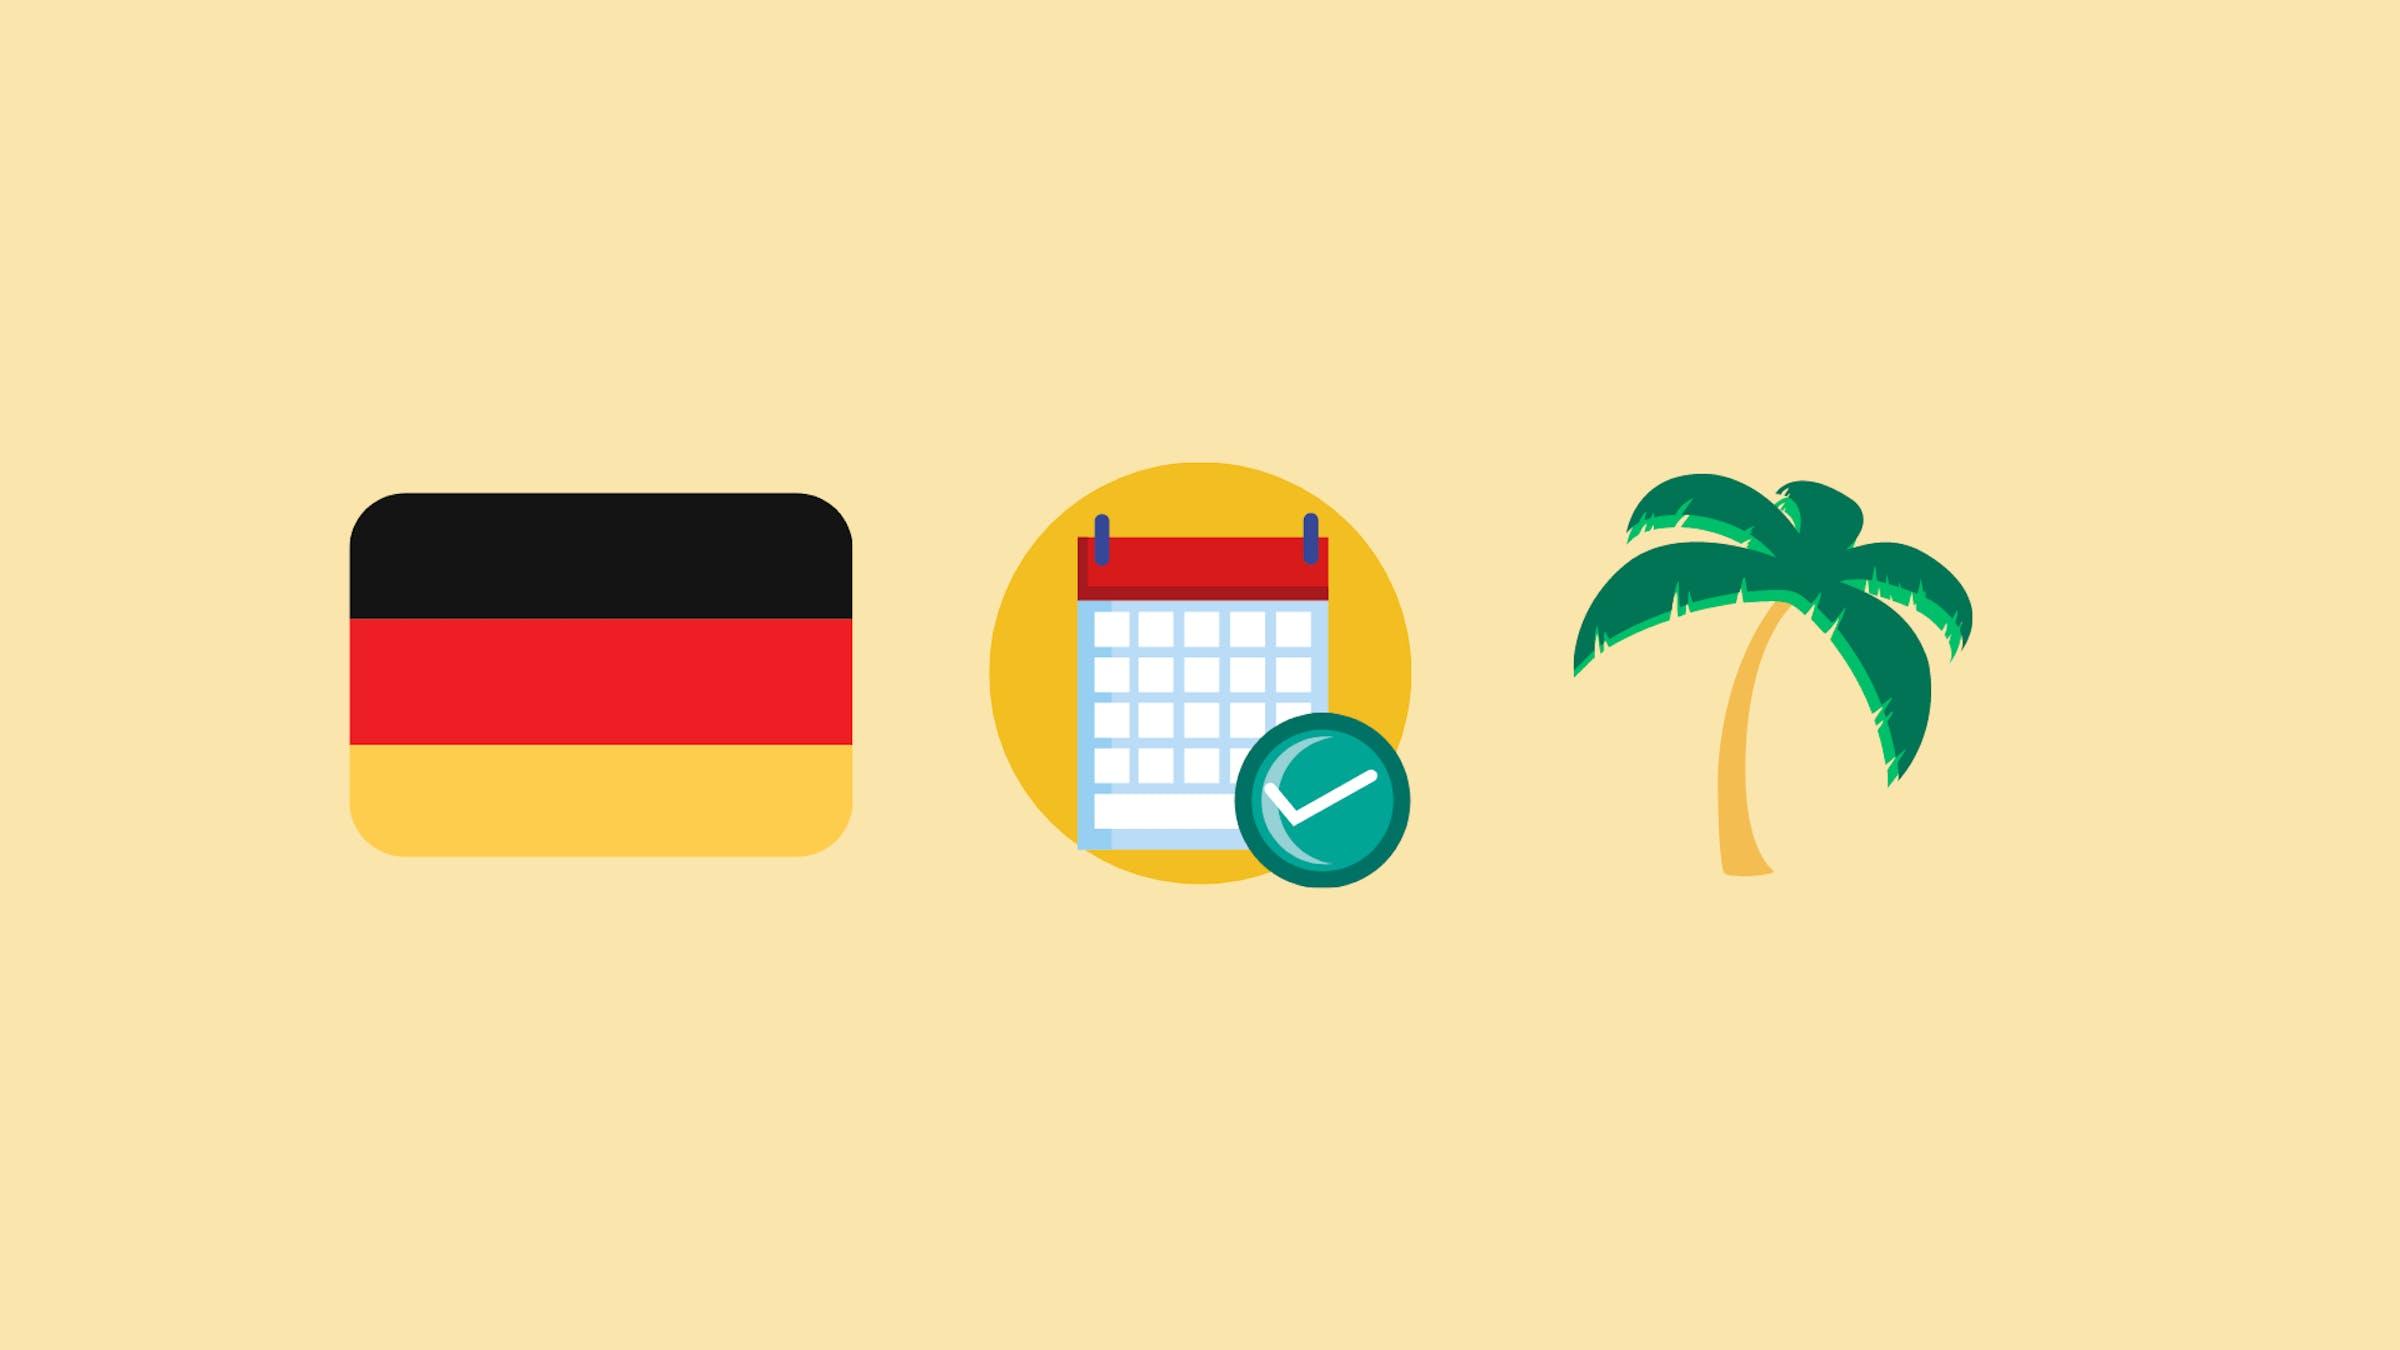 Württemberg święta 2021 baden w niemczech Dni wolne